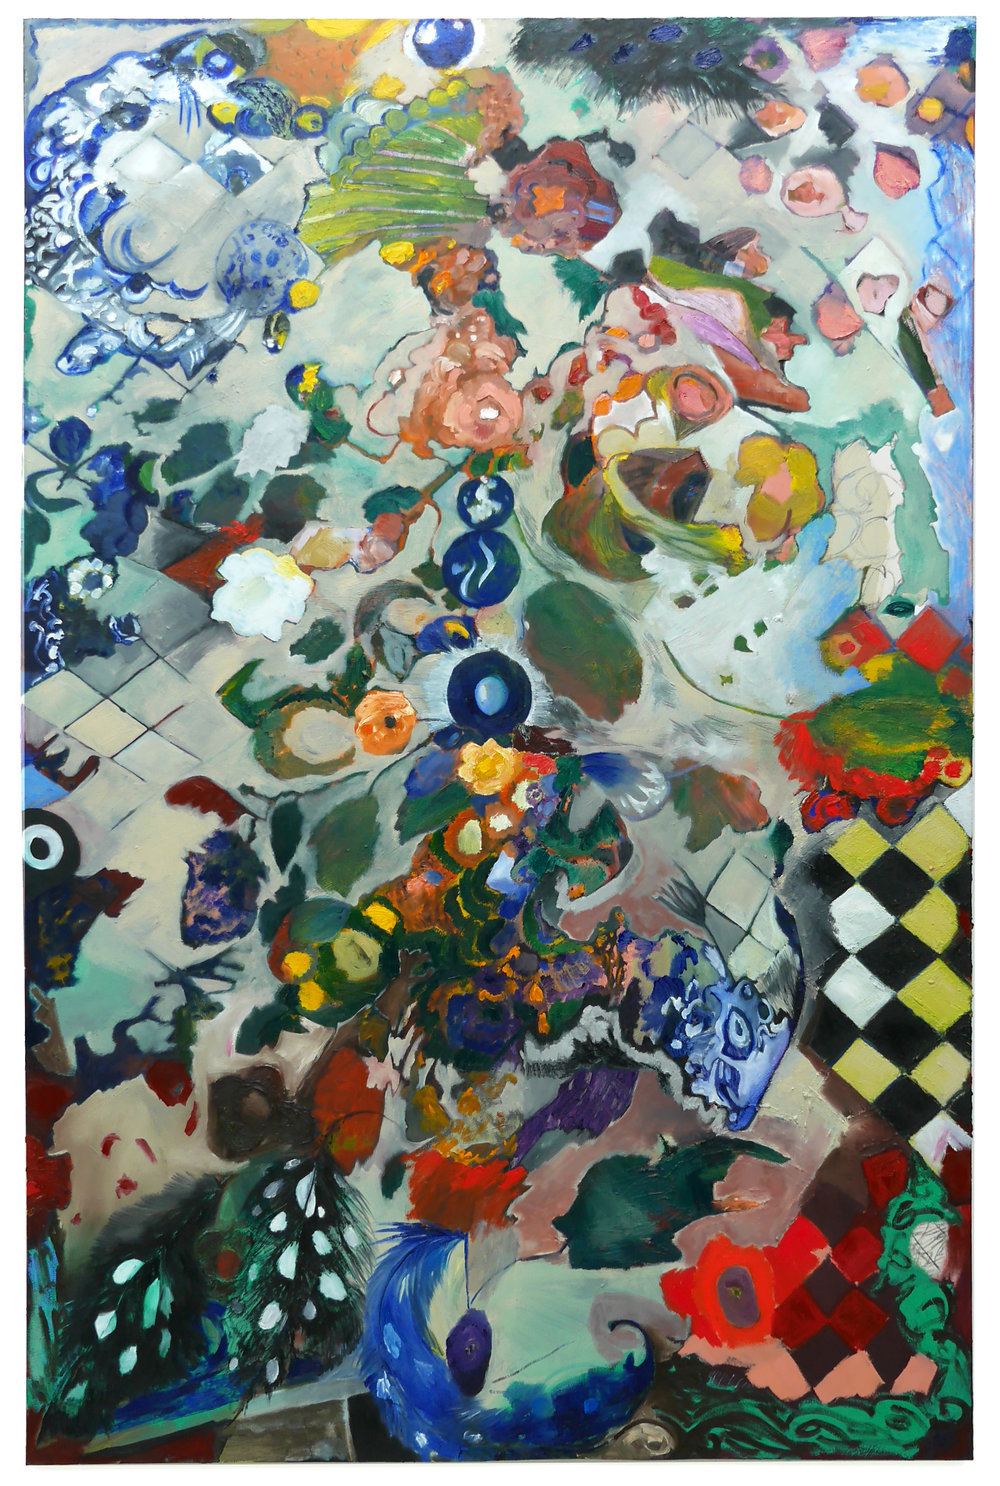 NÂME, Oil on canvas, 243x160cm, 2018